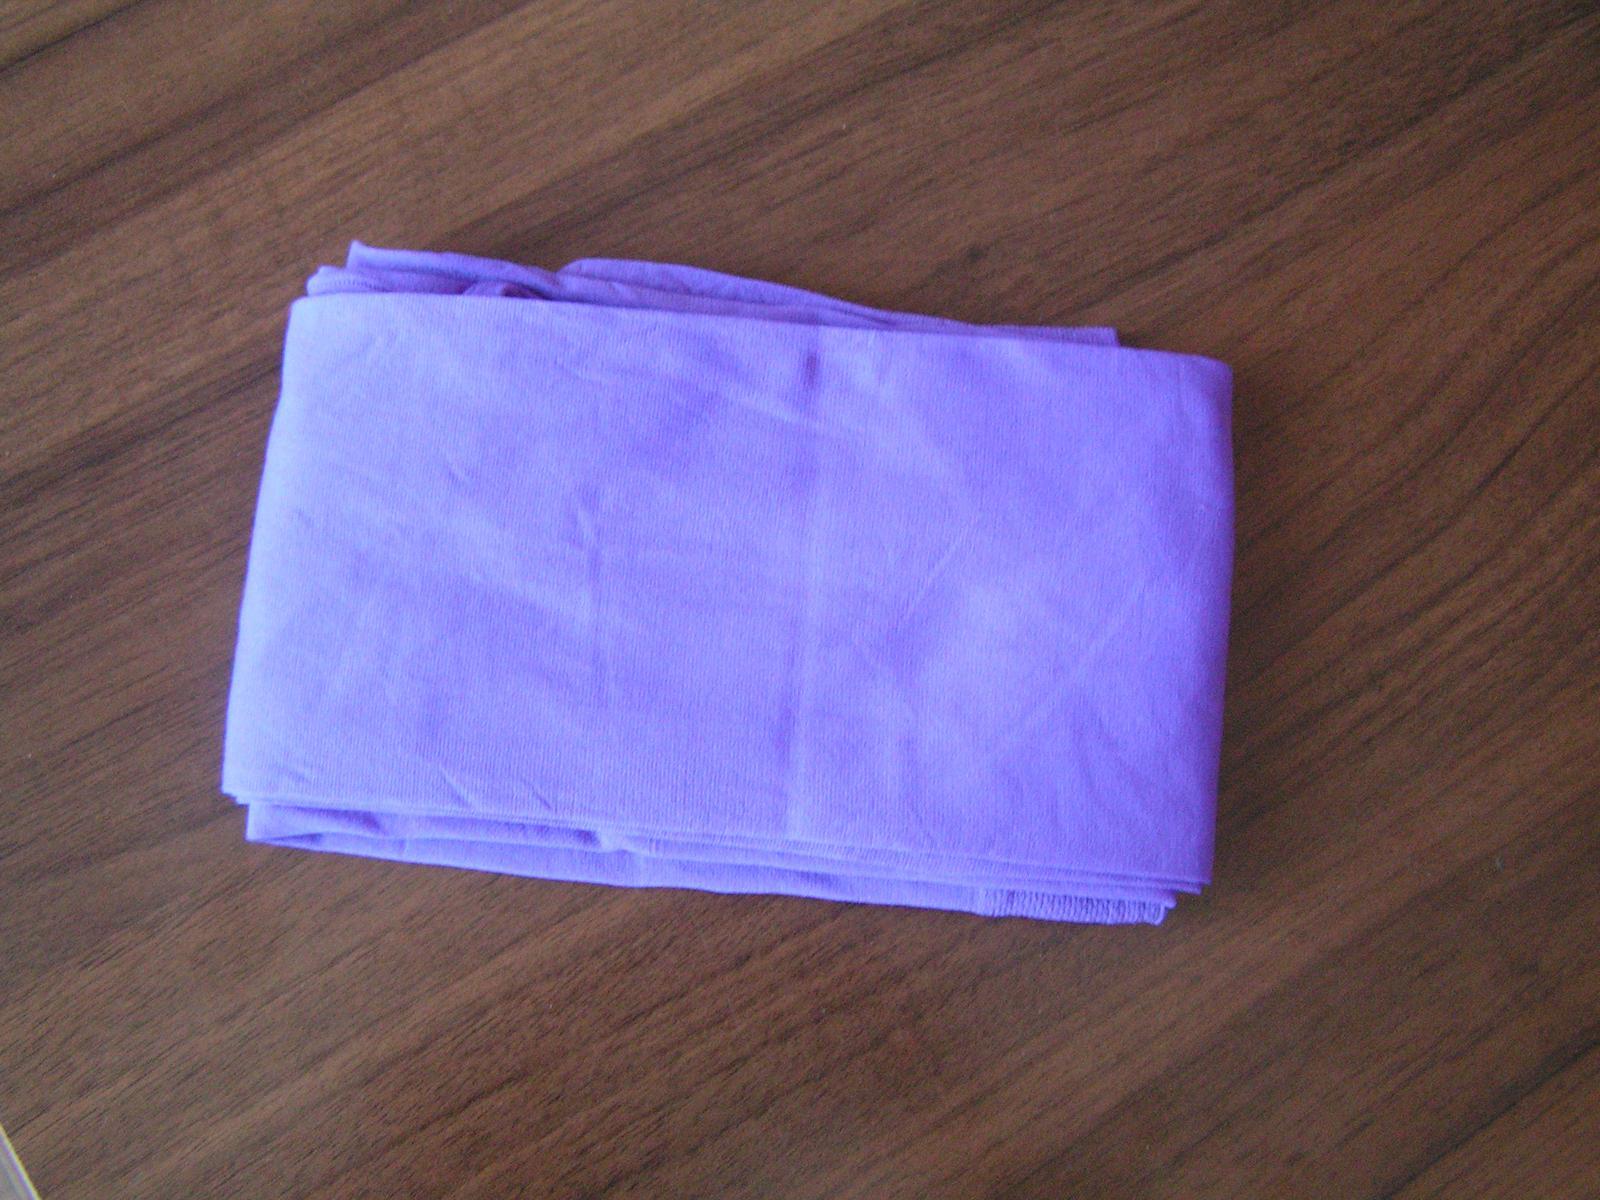 Fialové punčocháče z mikrovlákna - Obrázek č. 2